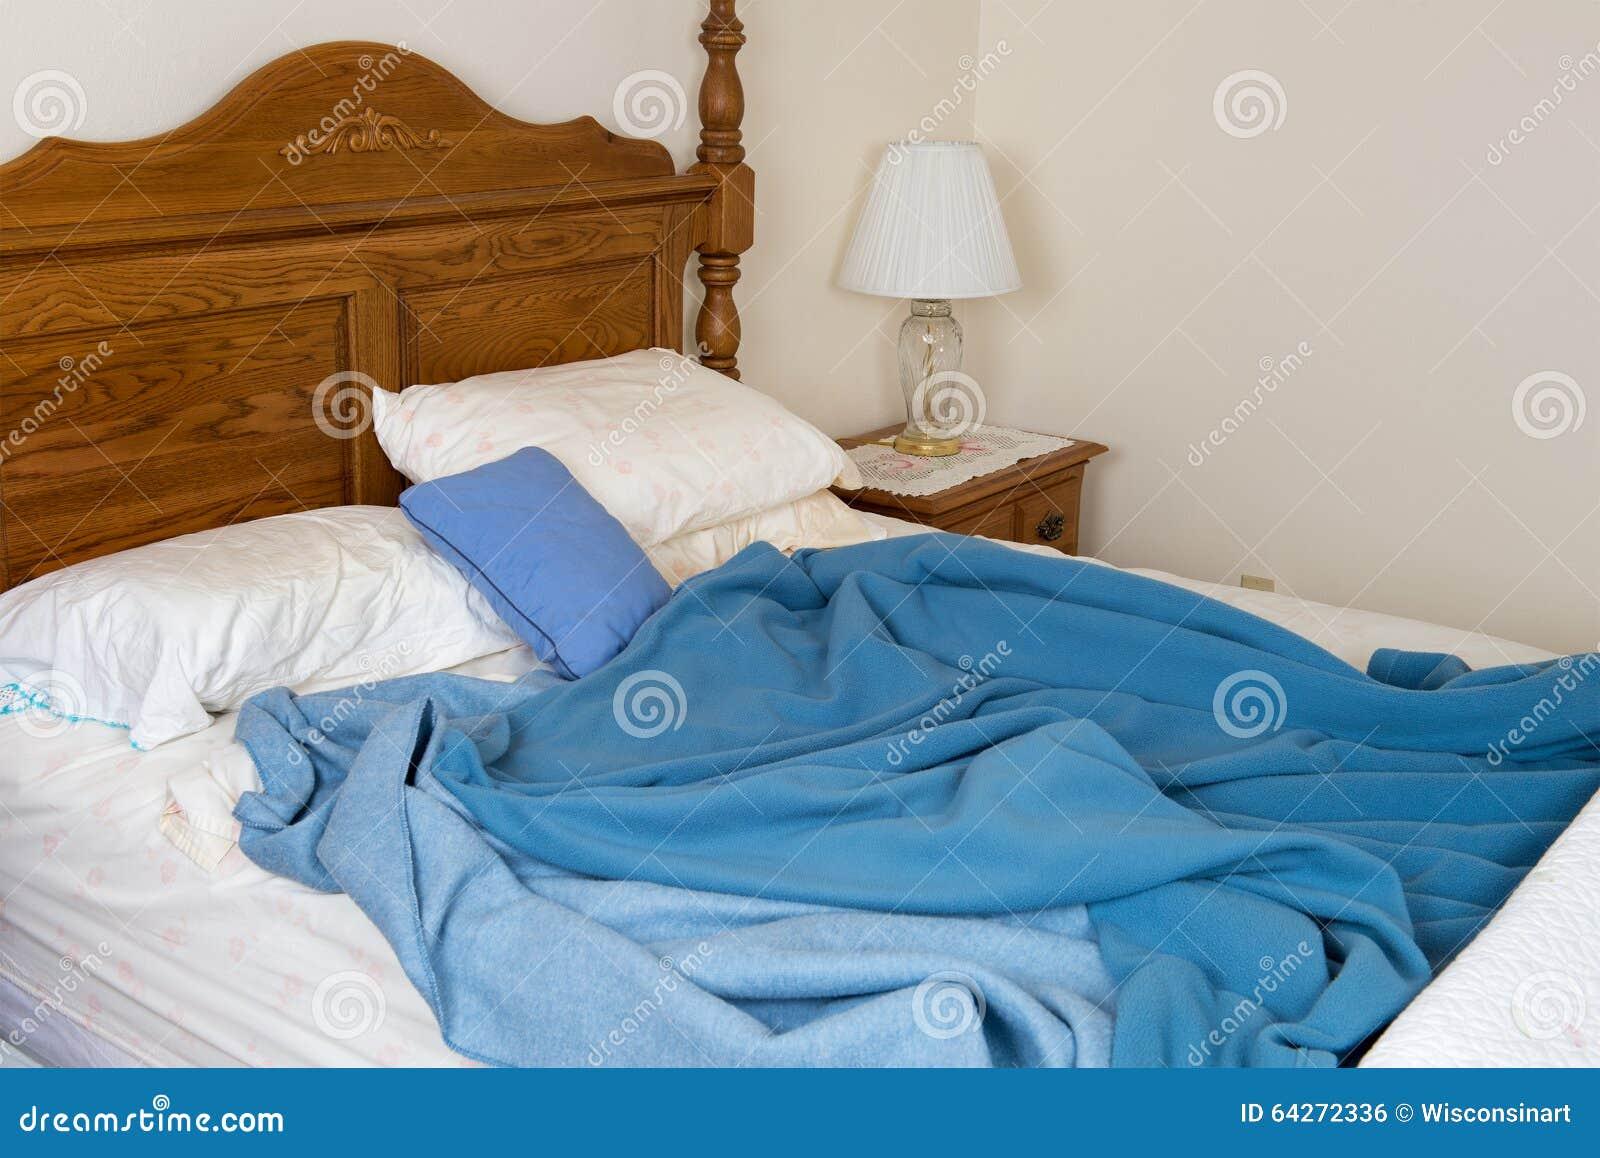 Cama sucia sin hacer, dormitorio casero